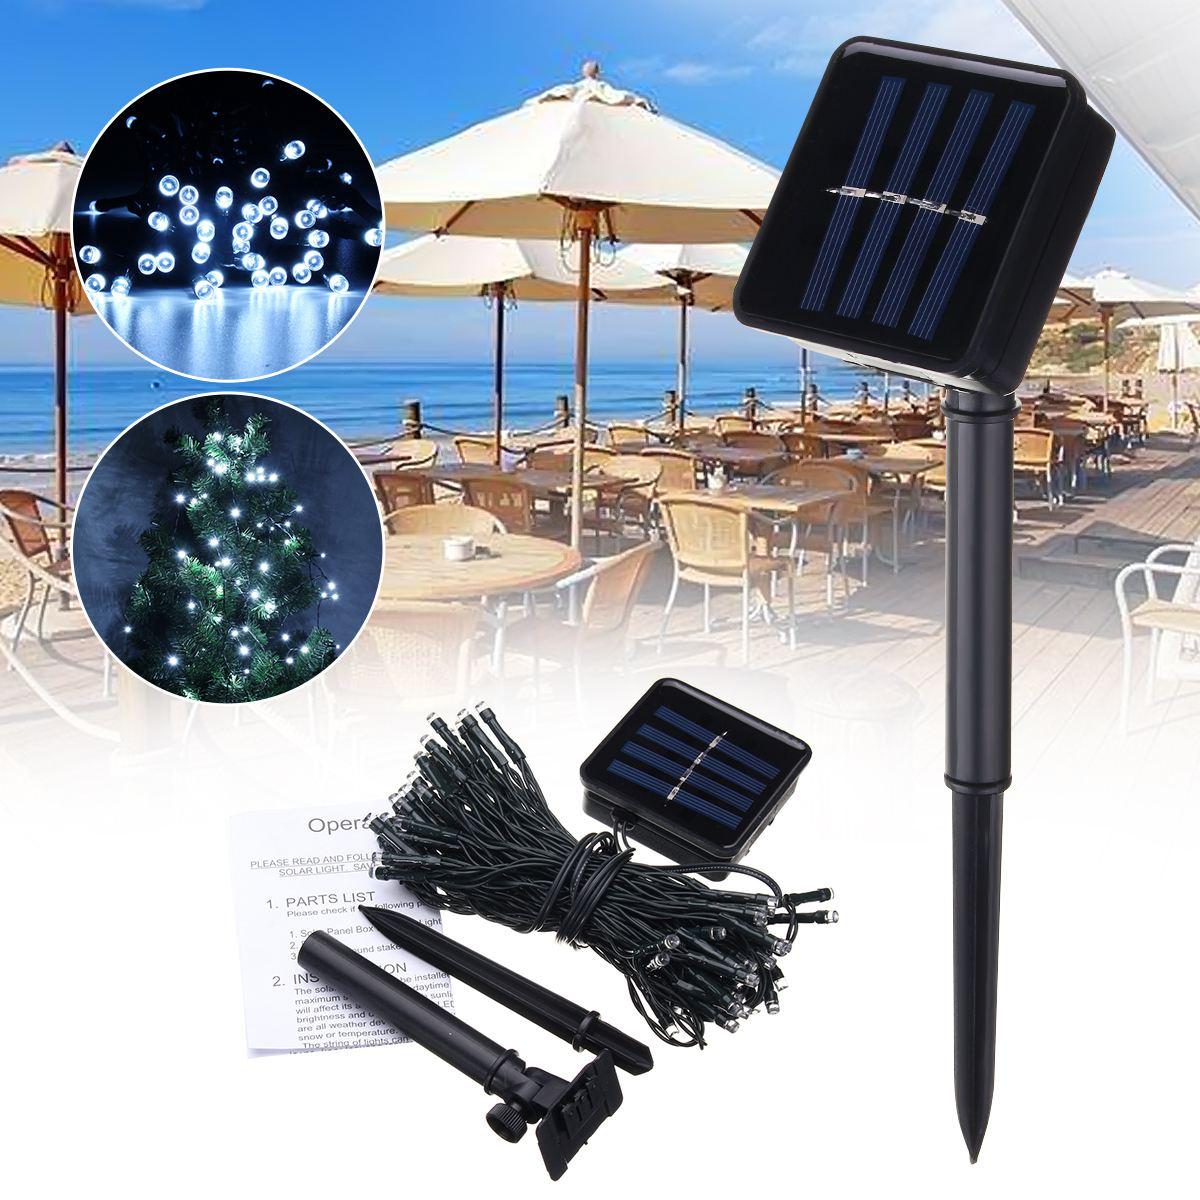 Solar Powered Patio Umbrella 72 LED String Light LED String Fairy Garden Lights Cool White Lighting for Outdoor Lighting Decor